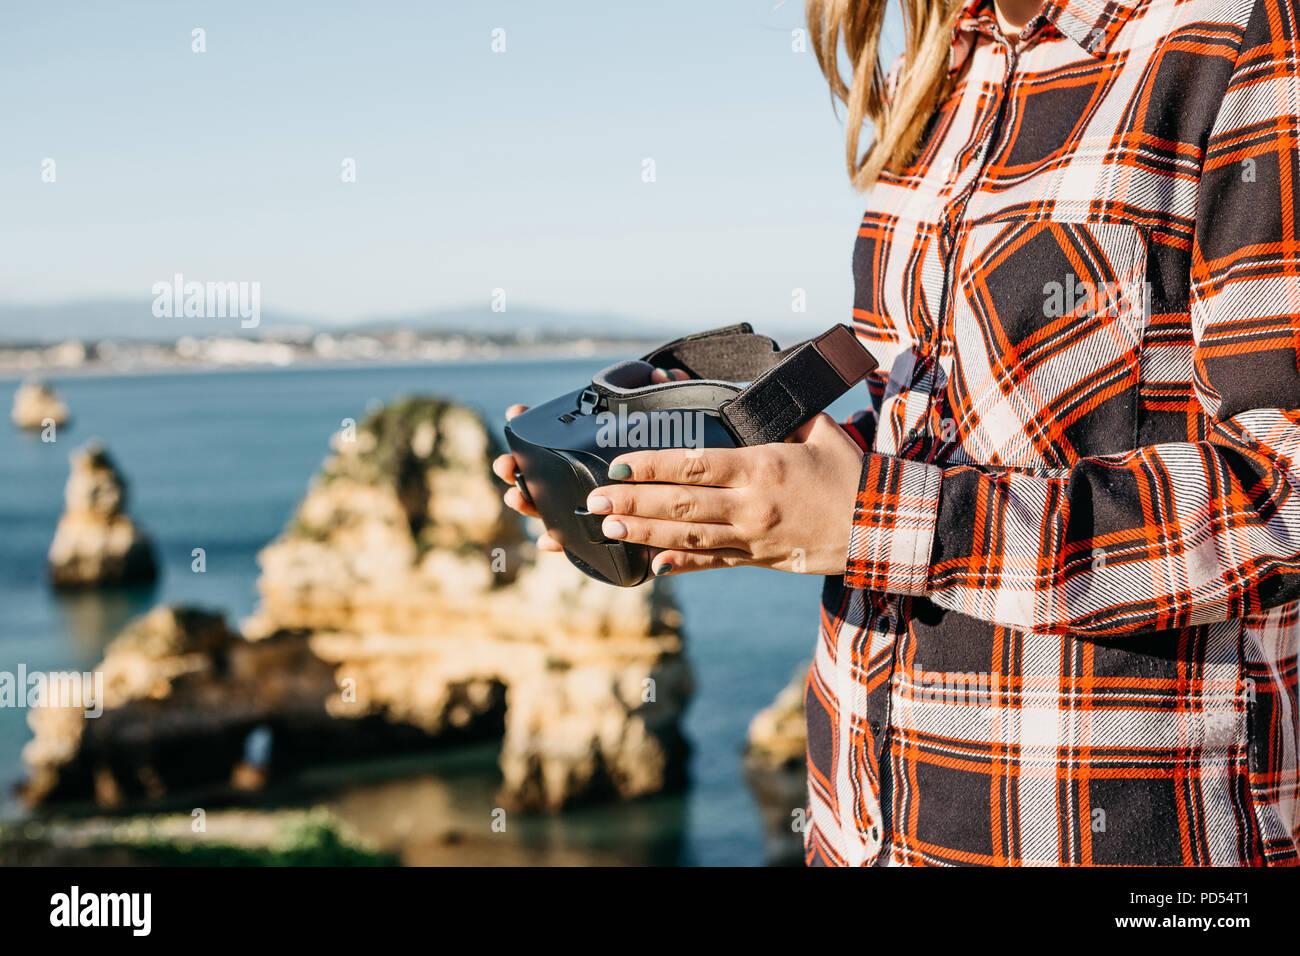 Das Mädchen ist mit Virtual reality Brillen und wird Sie auf zu setzen. Konzeptuelle Fotografie virtueller Reisen und Tourismus. Moderne Technik im Alltag. Stockbild